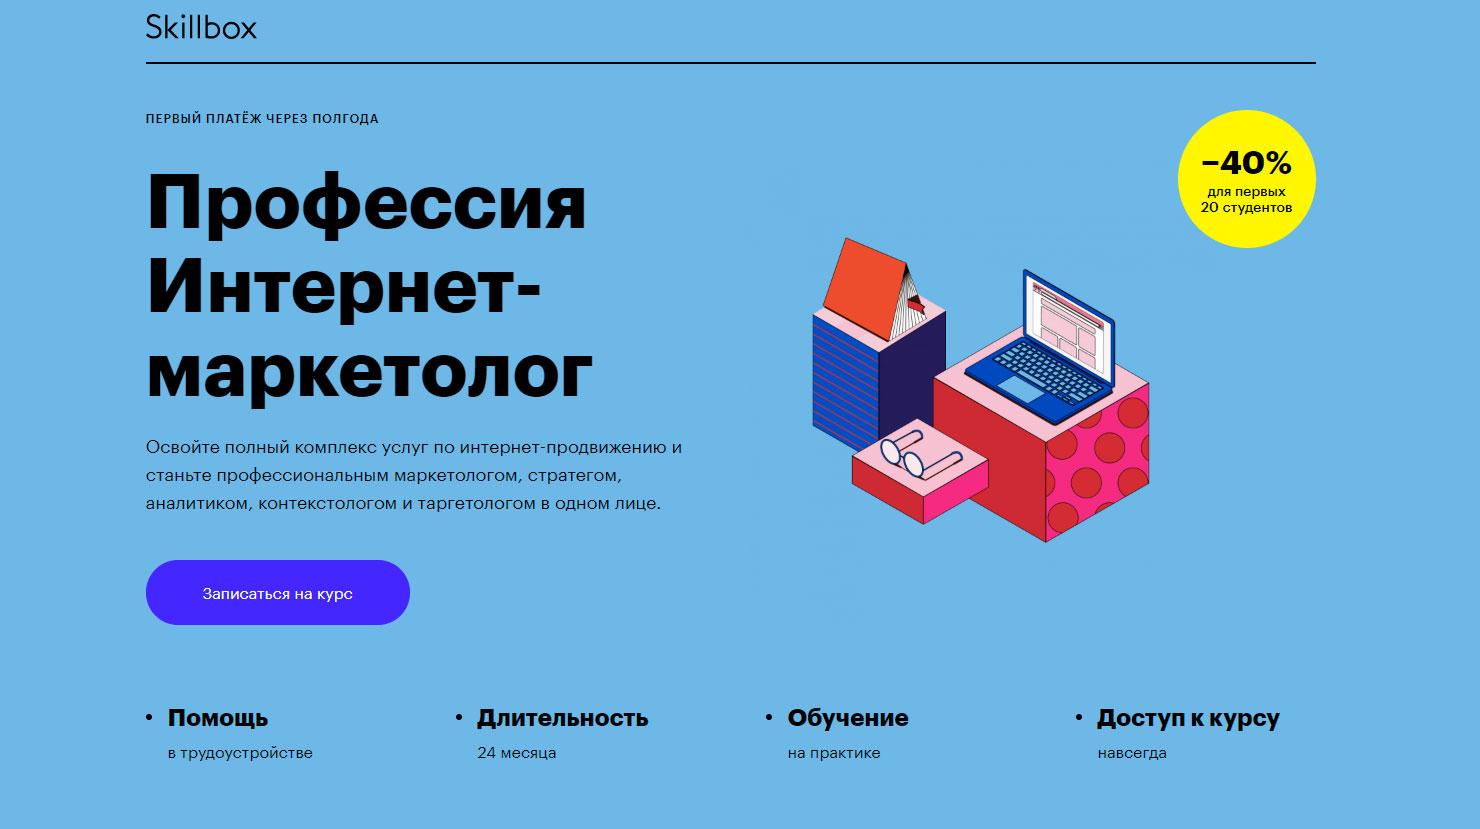 Профессия «Интернет-маркетолог» от Skillbox